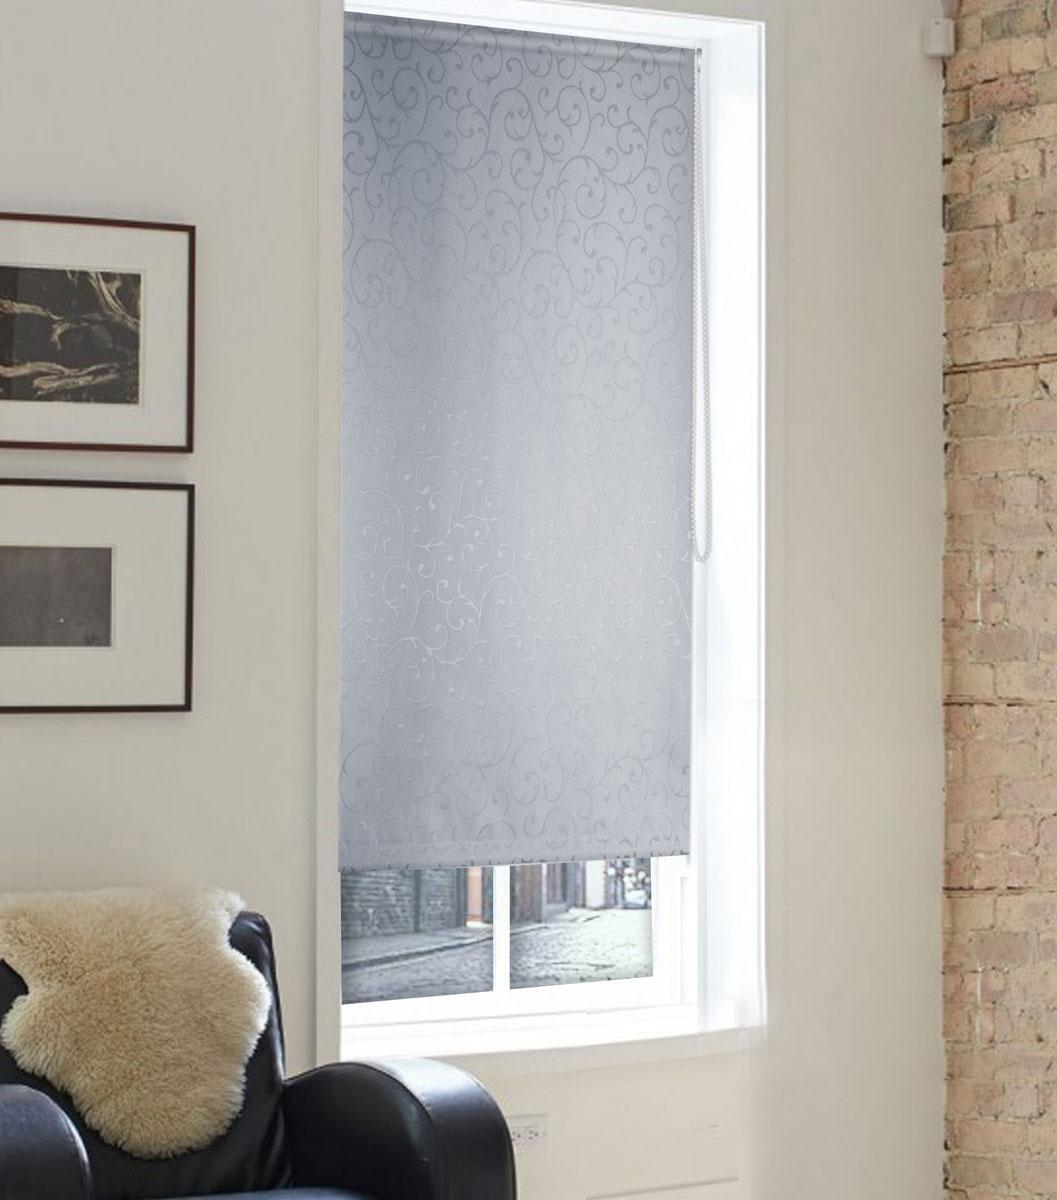 Штора рулонная Эскар Миниролло. Агат, фактурная, цвет: серый, ширина 83 см, высота 160 см37022083160Рулонная штора Эскар Миниролло. Агат выполнена из высокопрочной ткани, которая сохраняет свой размер даже при намокании. Ткань не выцветает и обладает отличной цветоустойчивостью. Миниролло - это подвид рулонных штор, который закрывает не весь оконный проем, а непосредственно само стекло. Такие шторы крепятся на раму без сверления при помощи зажимов или клейкой двухсторонней ленты. Окно остается на гарантии, благодаря монтажу без сверления. Такая штора станет прекрасным элементом декора окна и гармонично впишется в интерьер любого помещения.